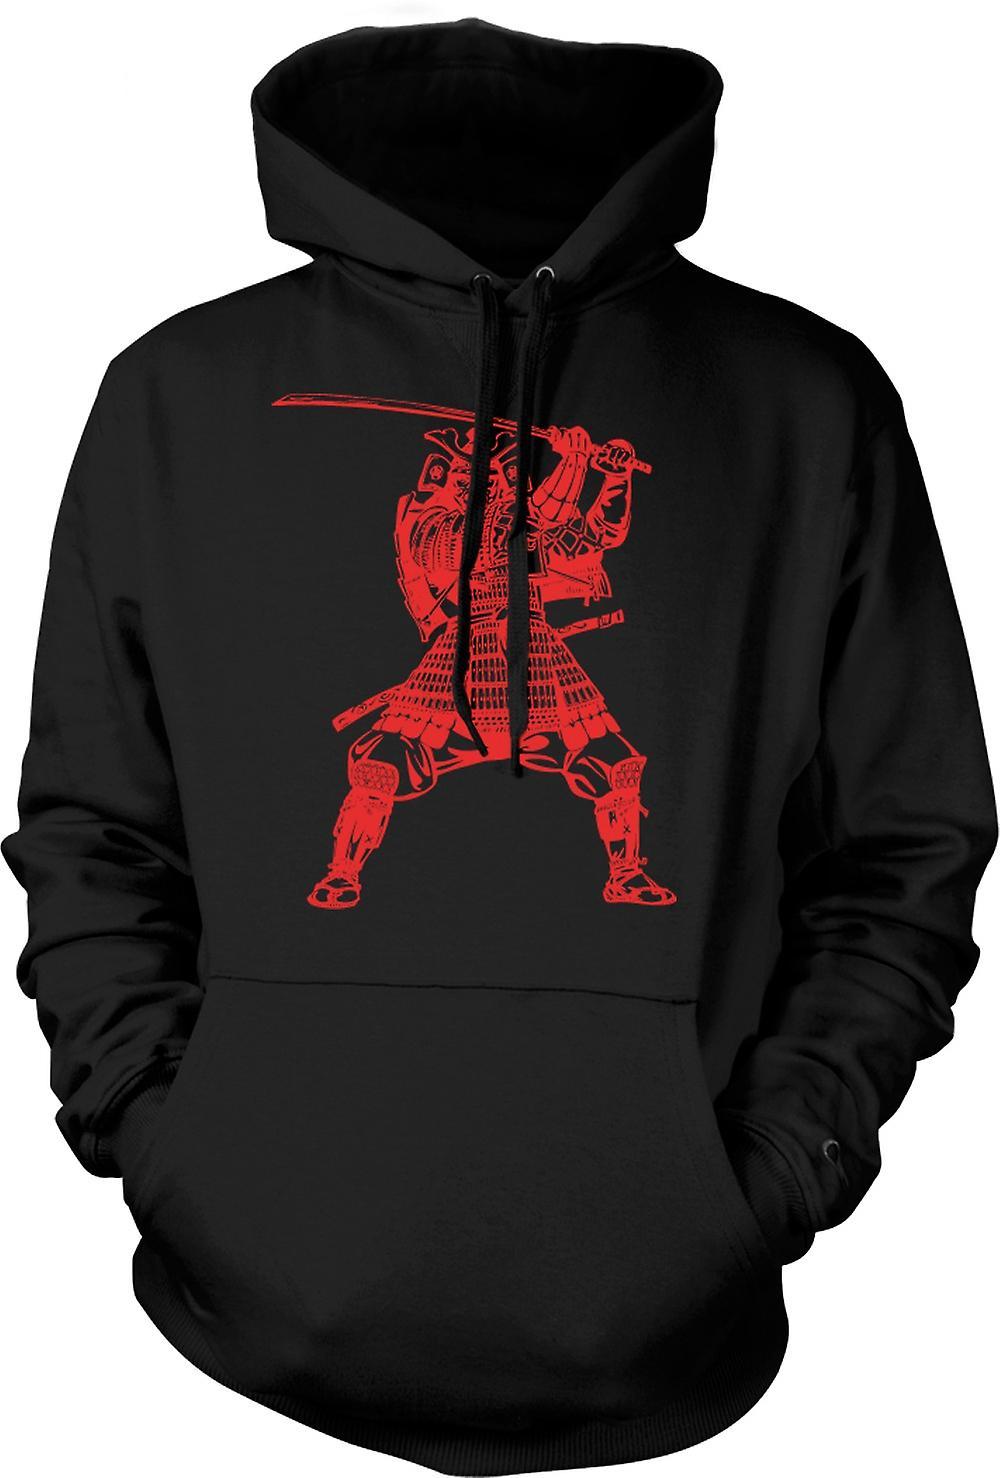 Mens Hoodie - guerrier samouraï